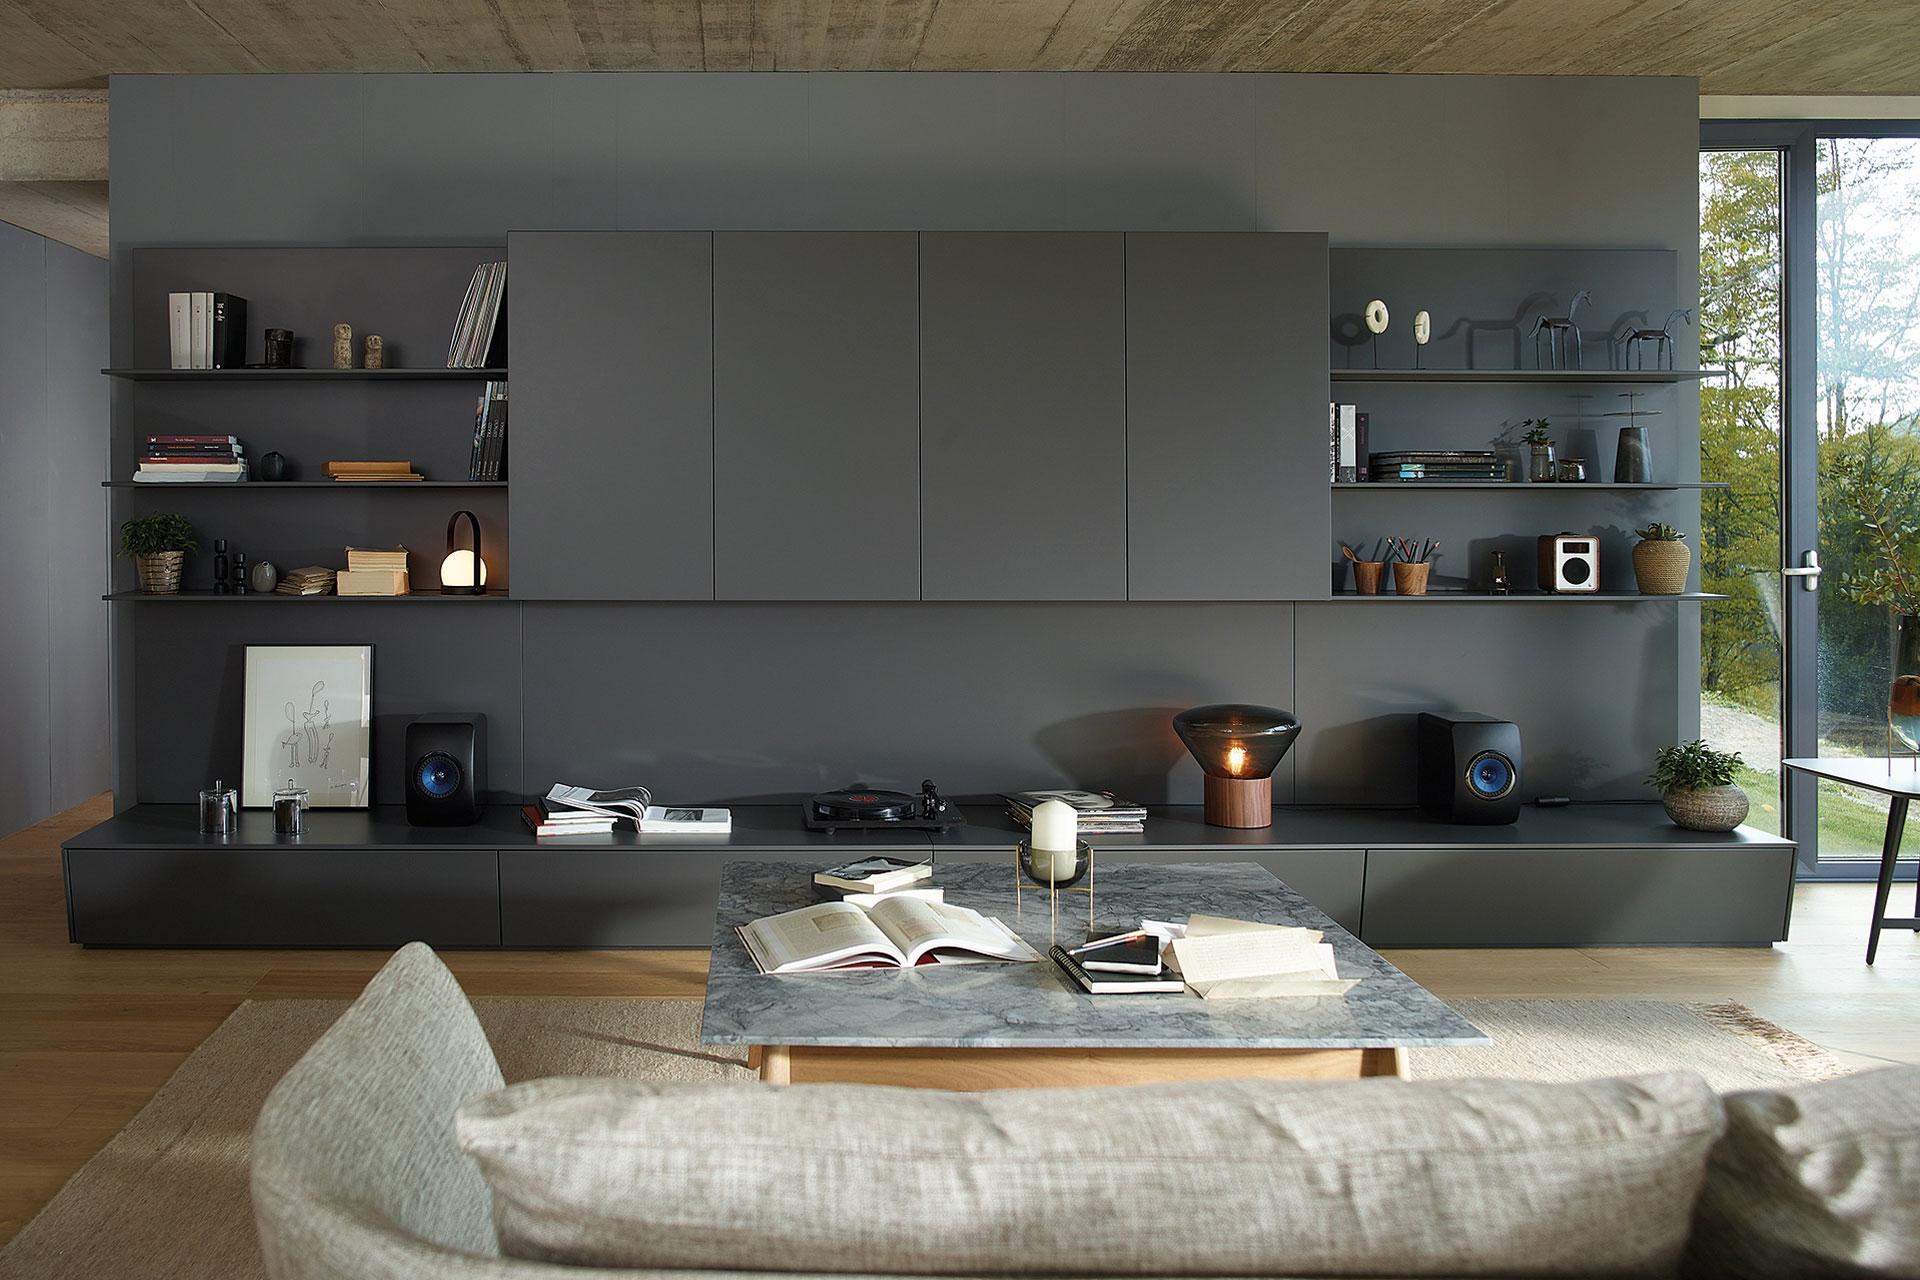 Conoce muebles de salon y cocina integrados y modulares Santos